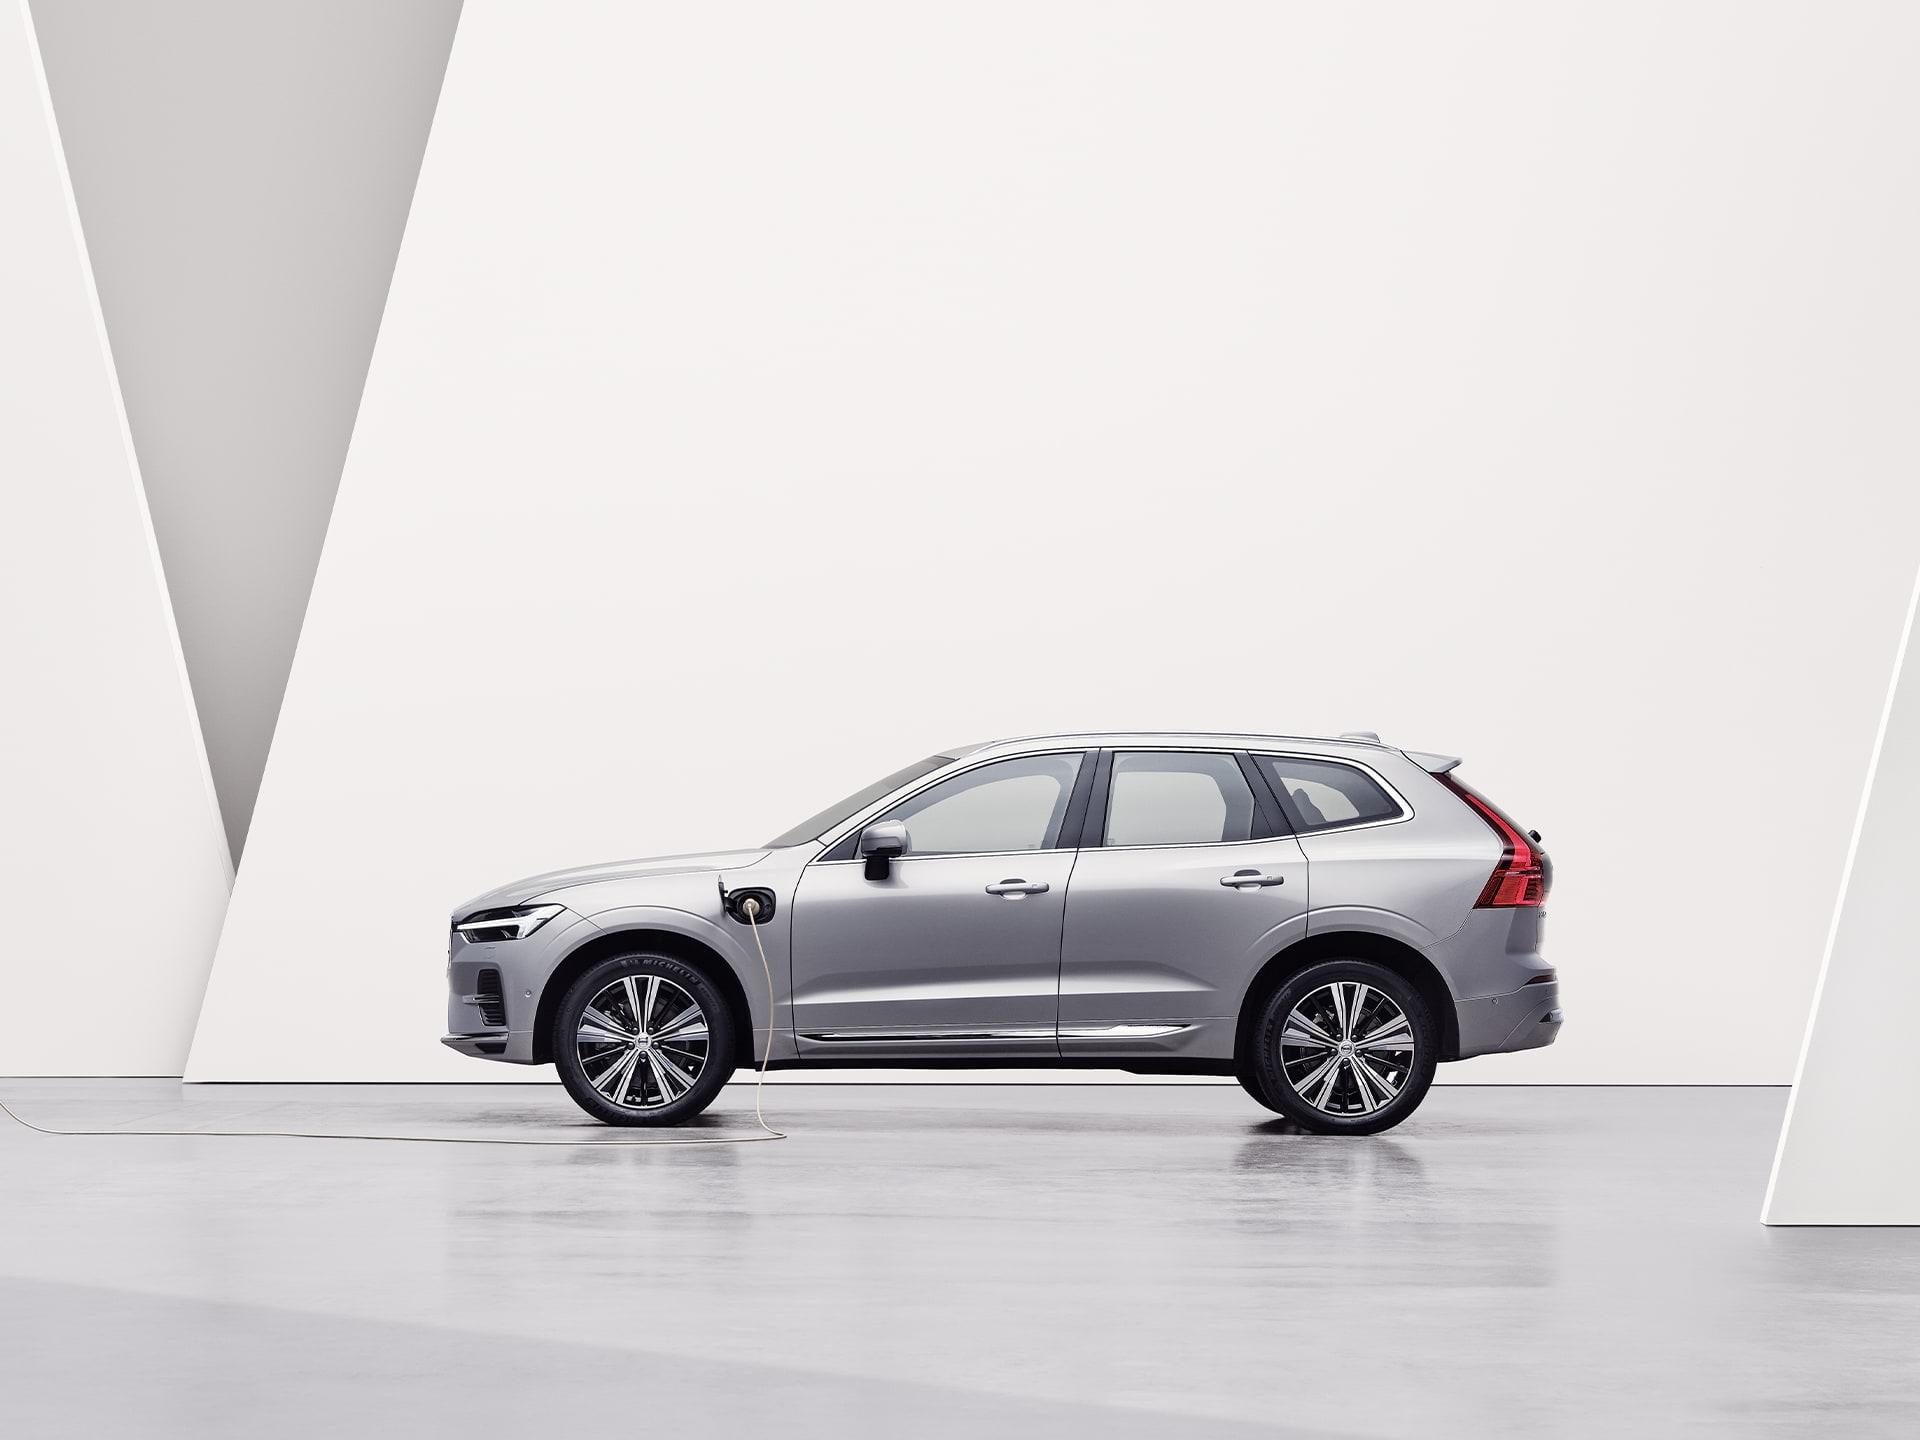 Une Volvo XC60 Recharge couleur argent, en charge dans un environnement blanc.